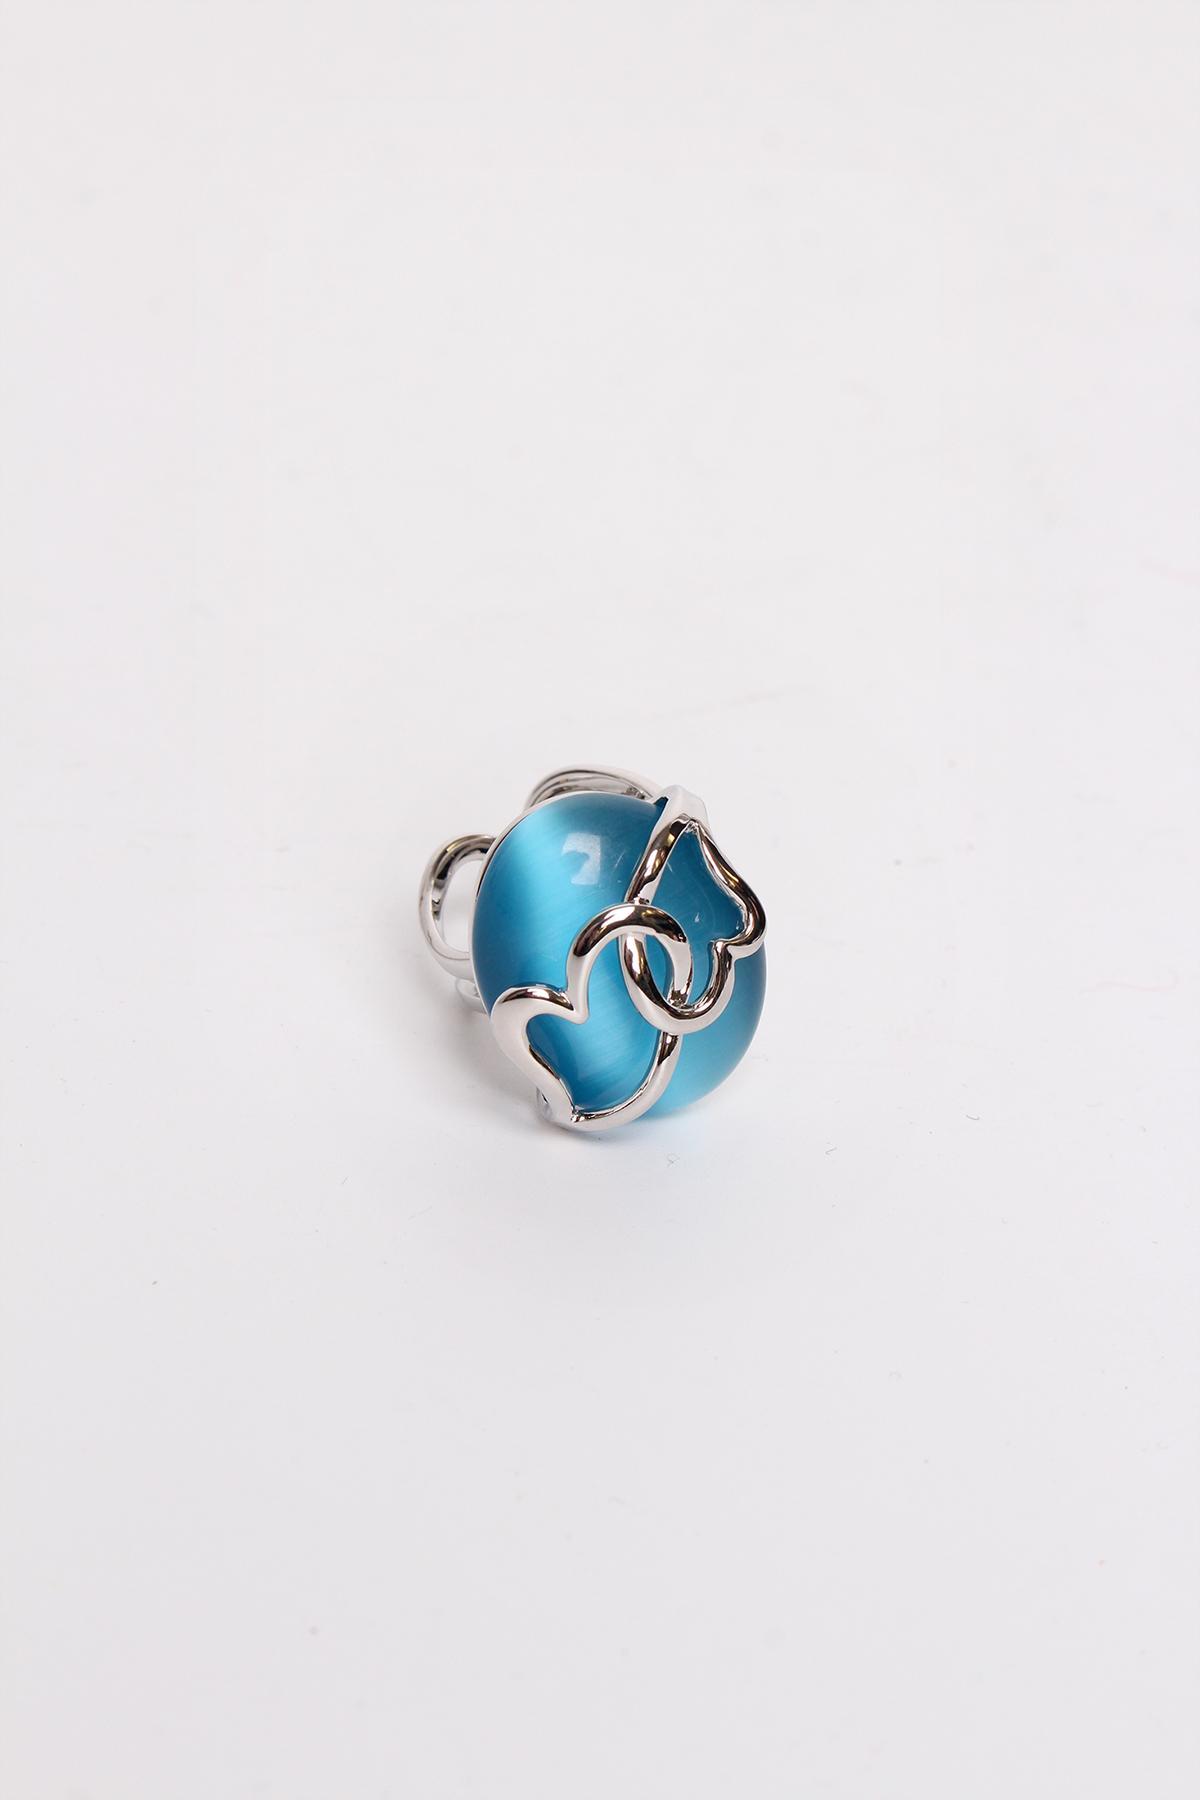 Bagues Accessoires Bleu BELLISSIMA 60BG02 #c eFashion Paris